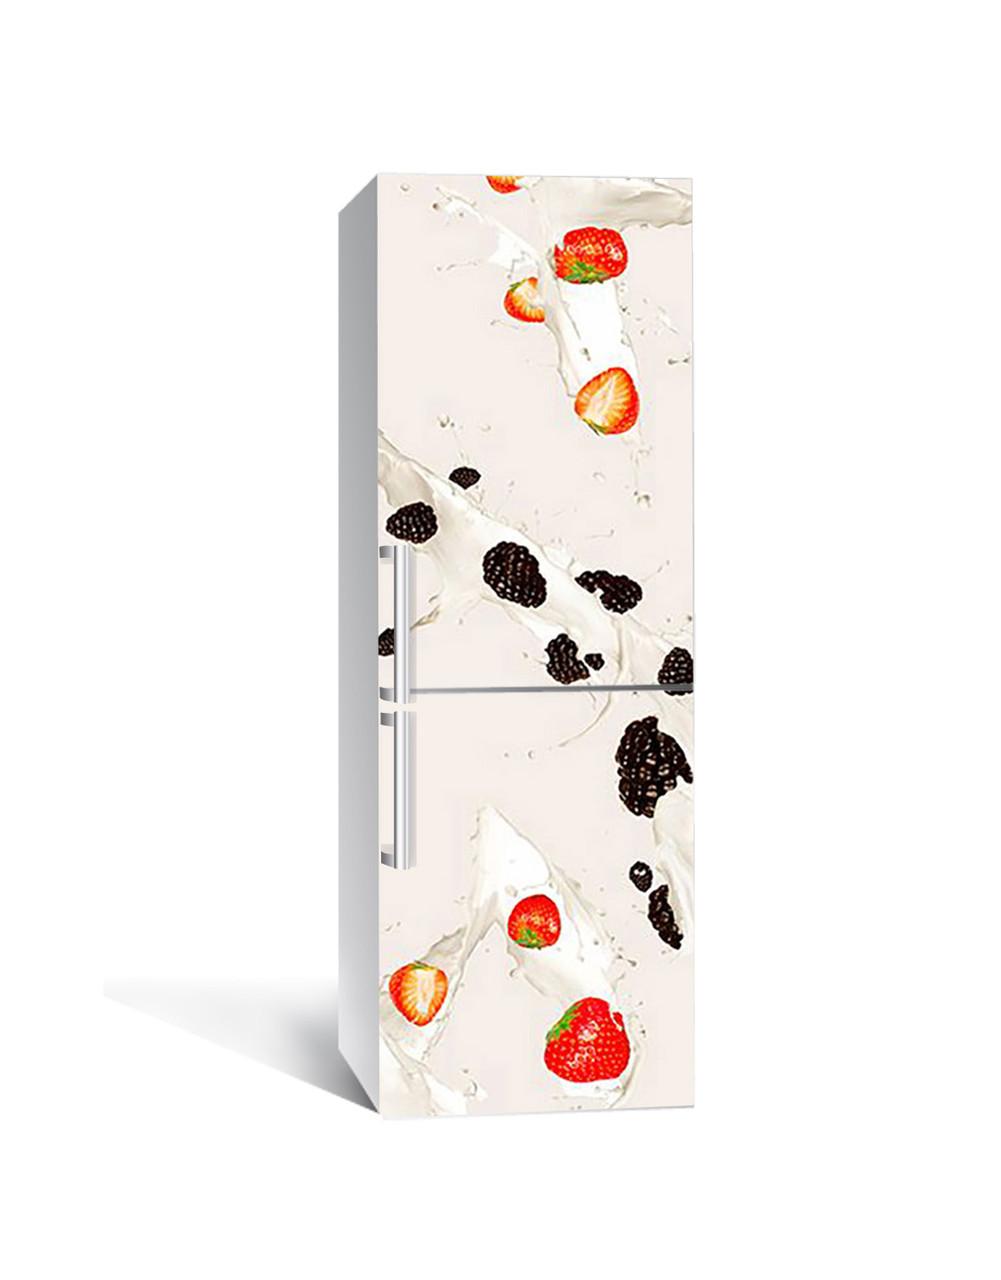 Декор 3Д наклейка на холодильник Ягідний шейк полуниця (плівка ПВХ фотодрук) 65*200см Ягоди Бежевий